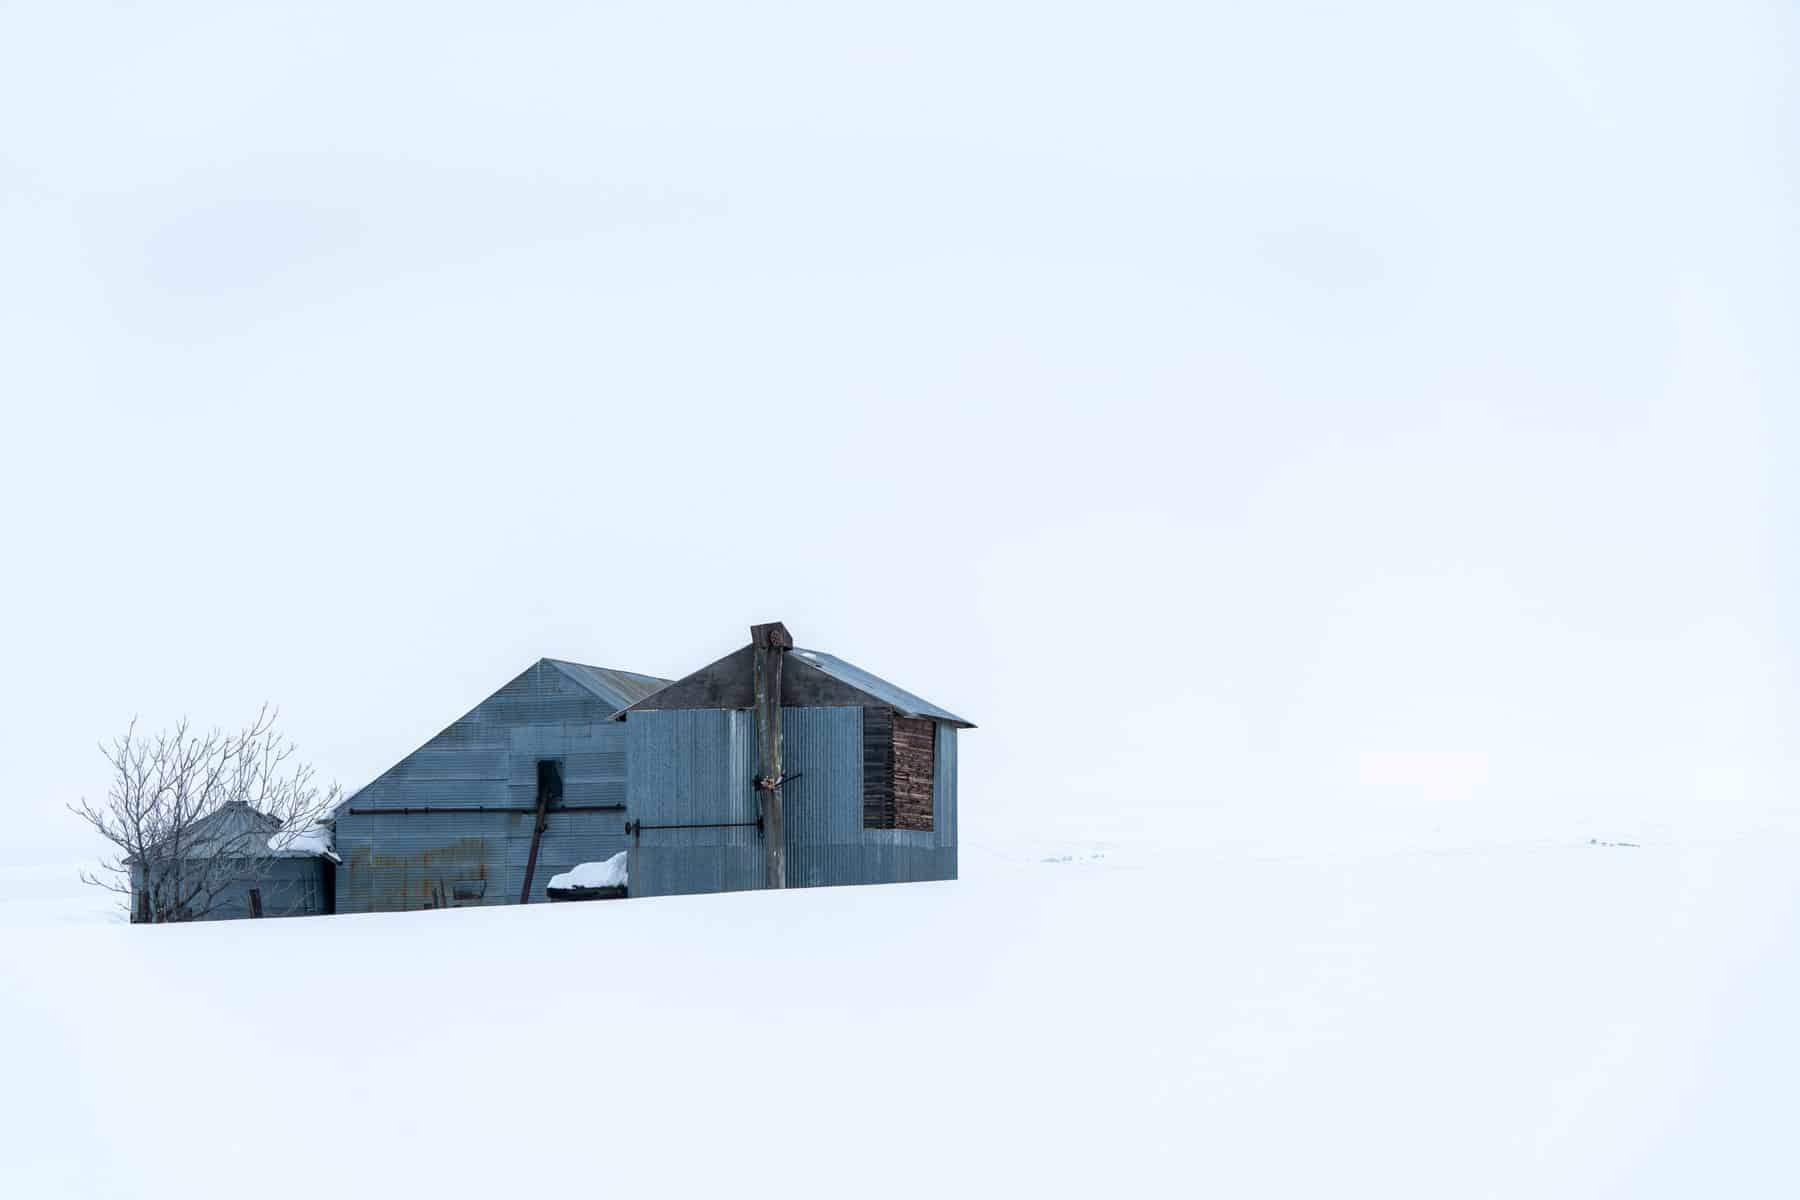 Barn on White